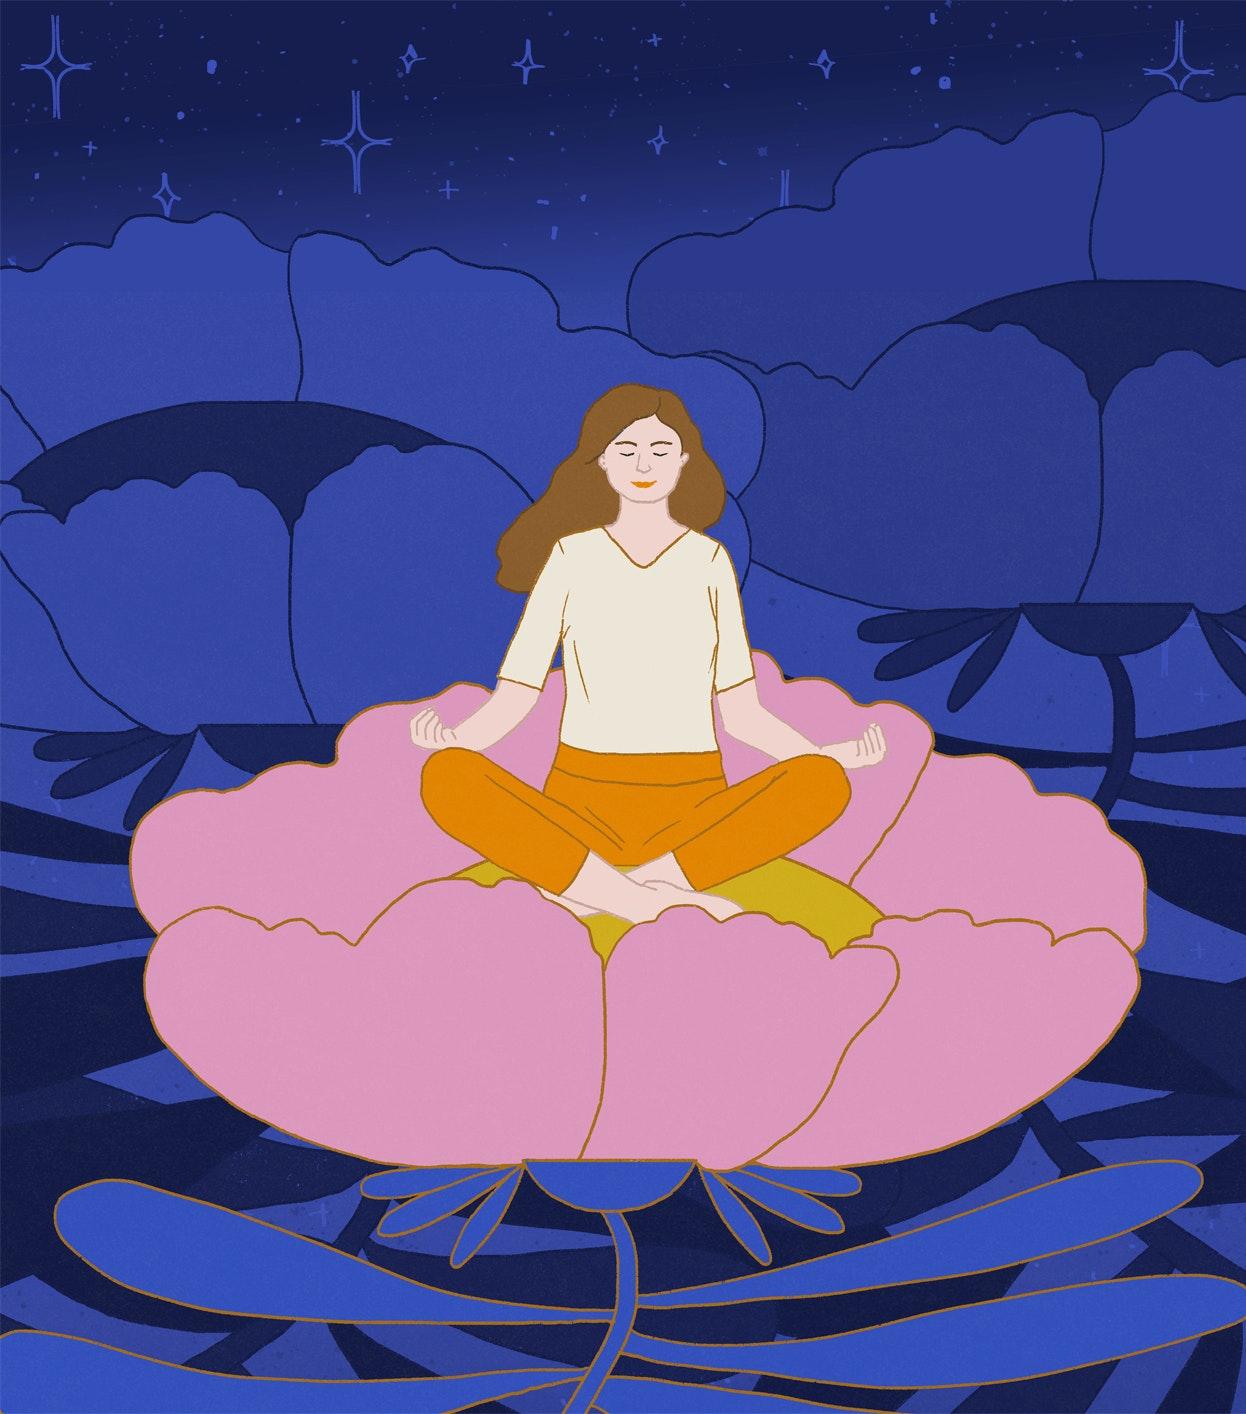 Milica Golubovic - Meditating web